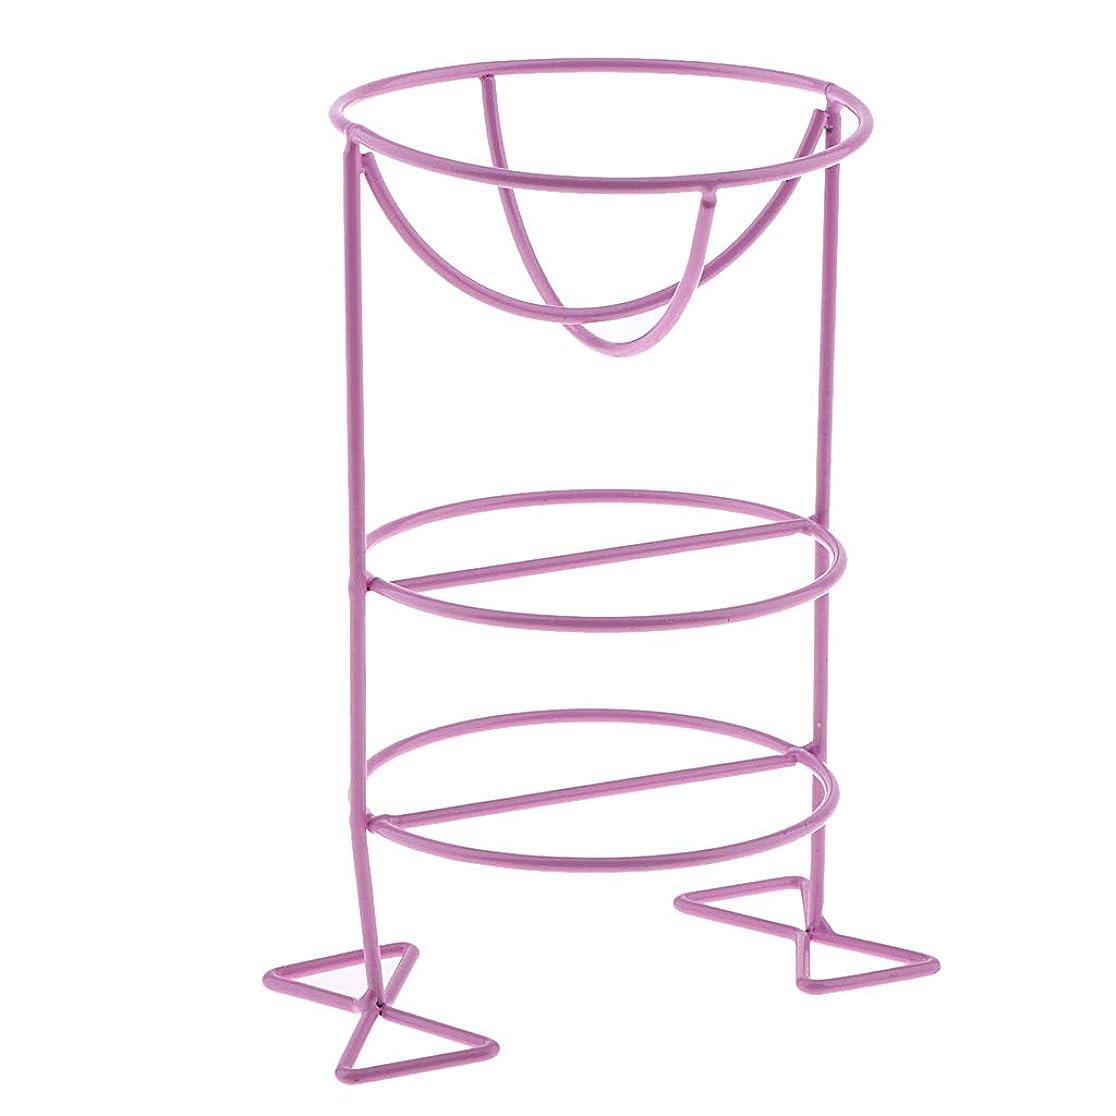 ギャンブル傾斜波P Prettyia 化粧パフホルダー パフスタンド 可愛い お化粧 3色選べ - 紫